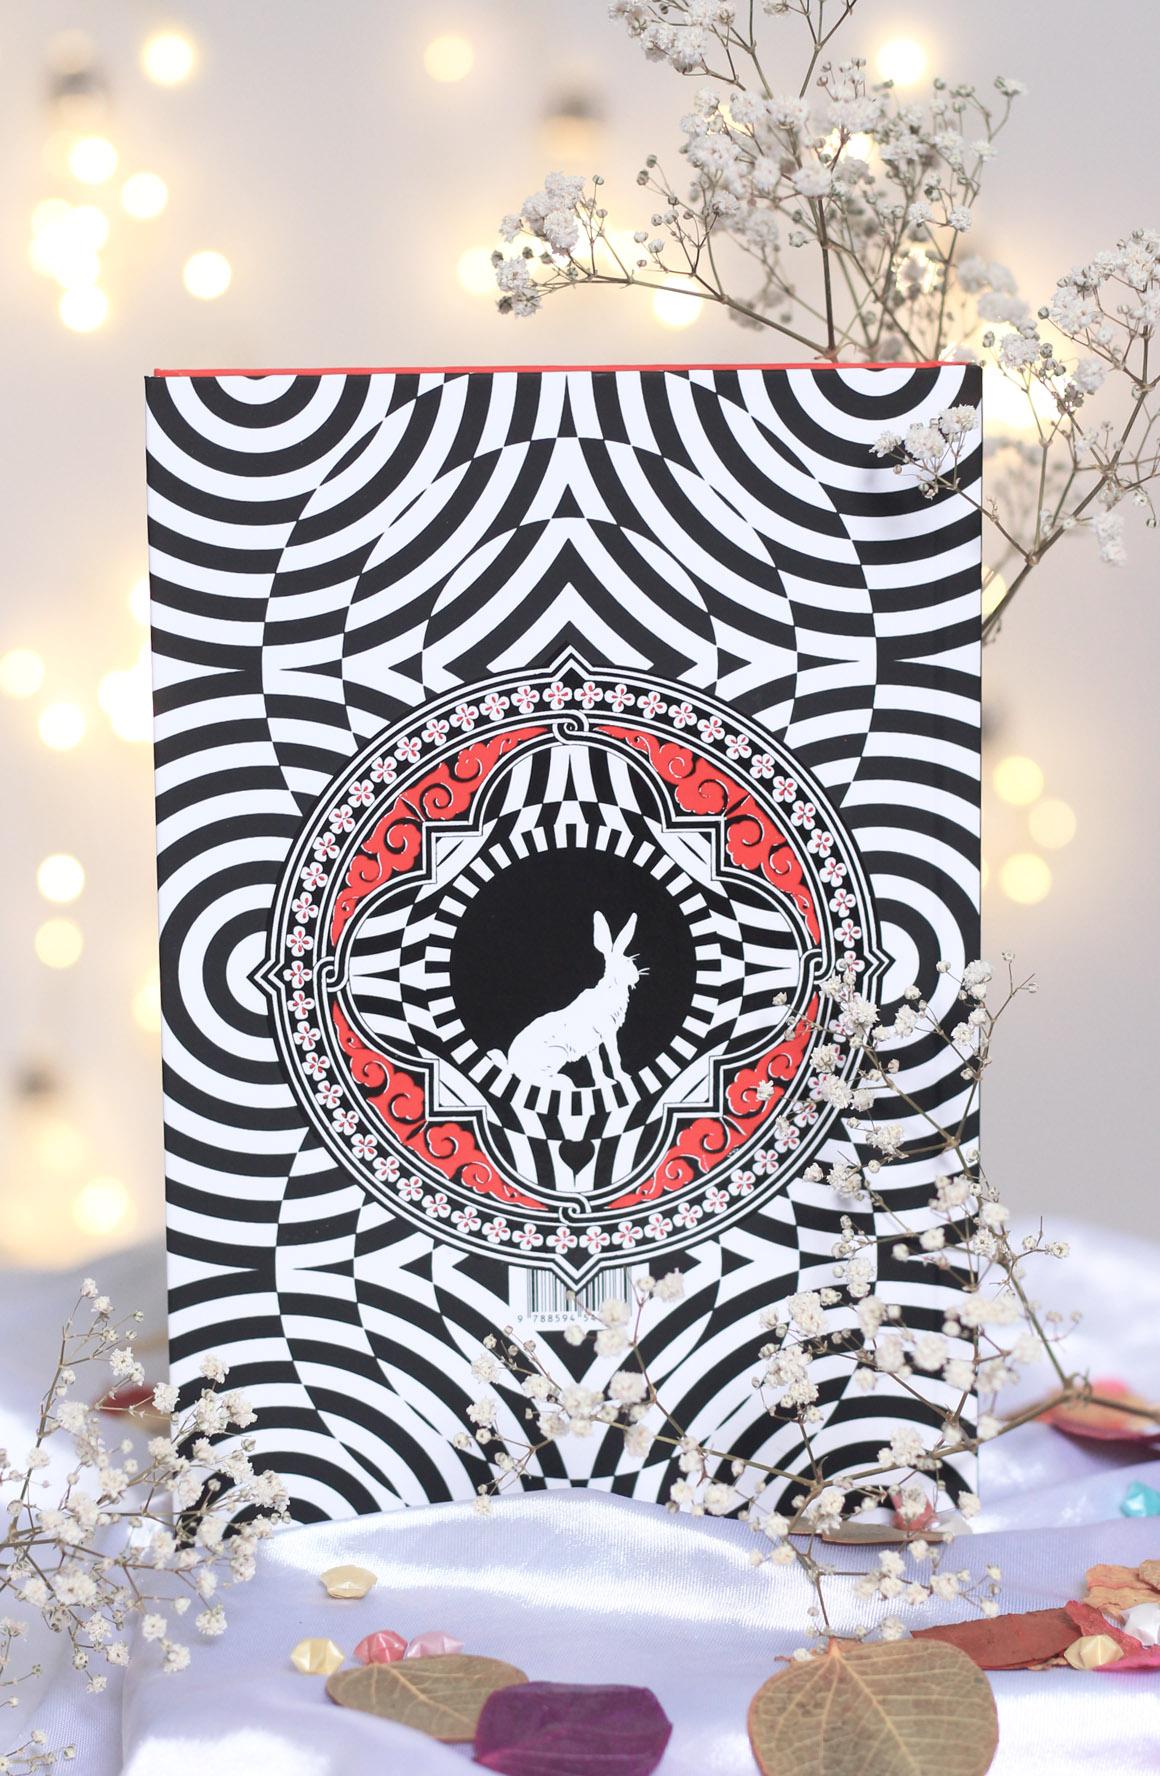 Resenha de livro alice no pais das maravilhas limited edition darkside books